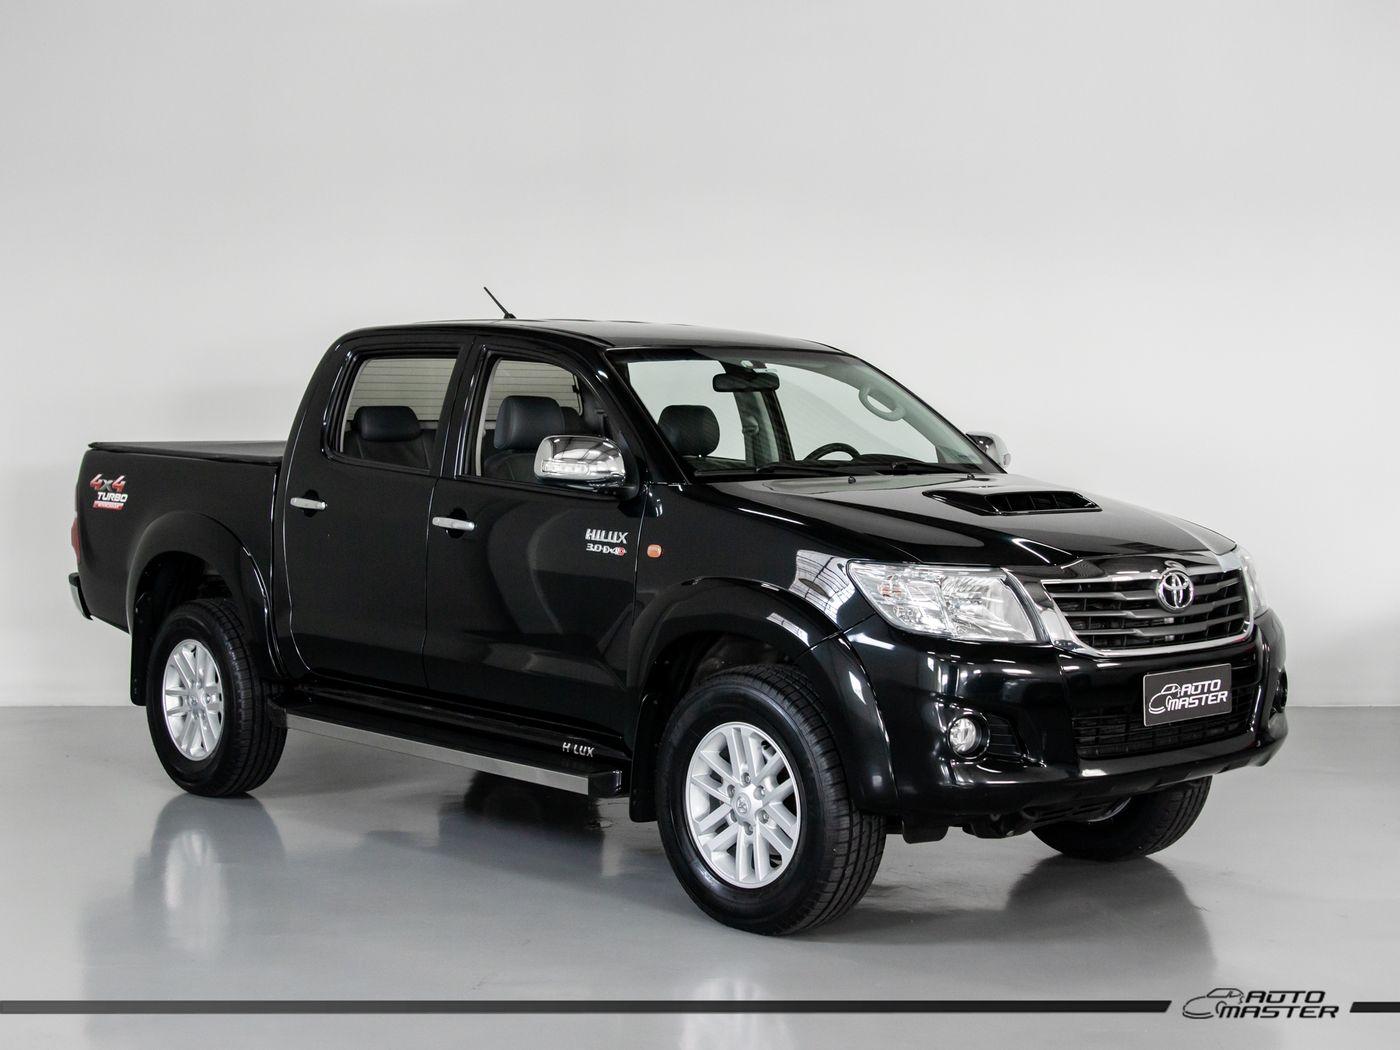 Toyota Hilux CD SR D4-D 4x4 3.0 TDI Dies Aut.